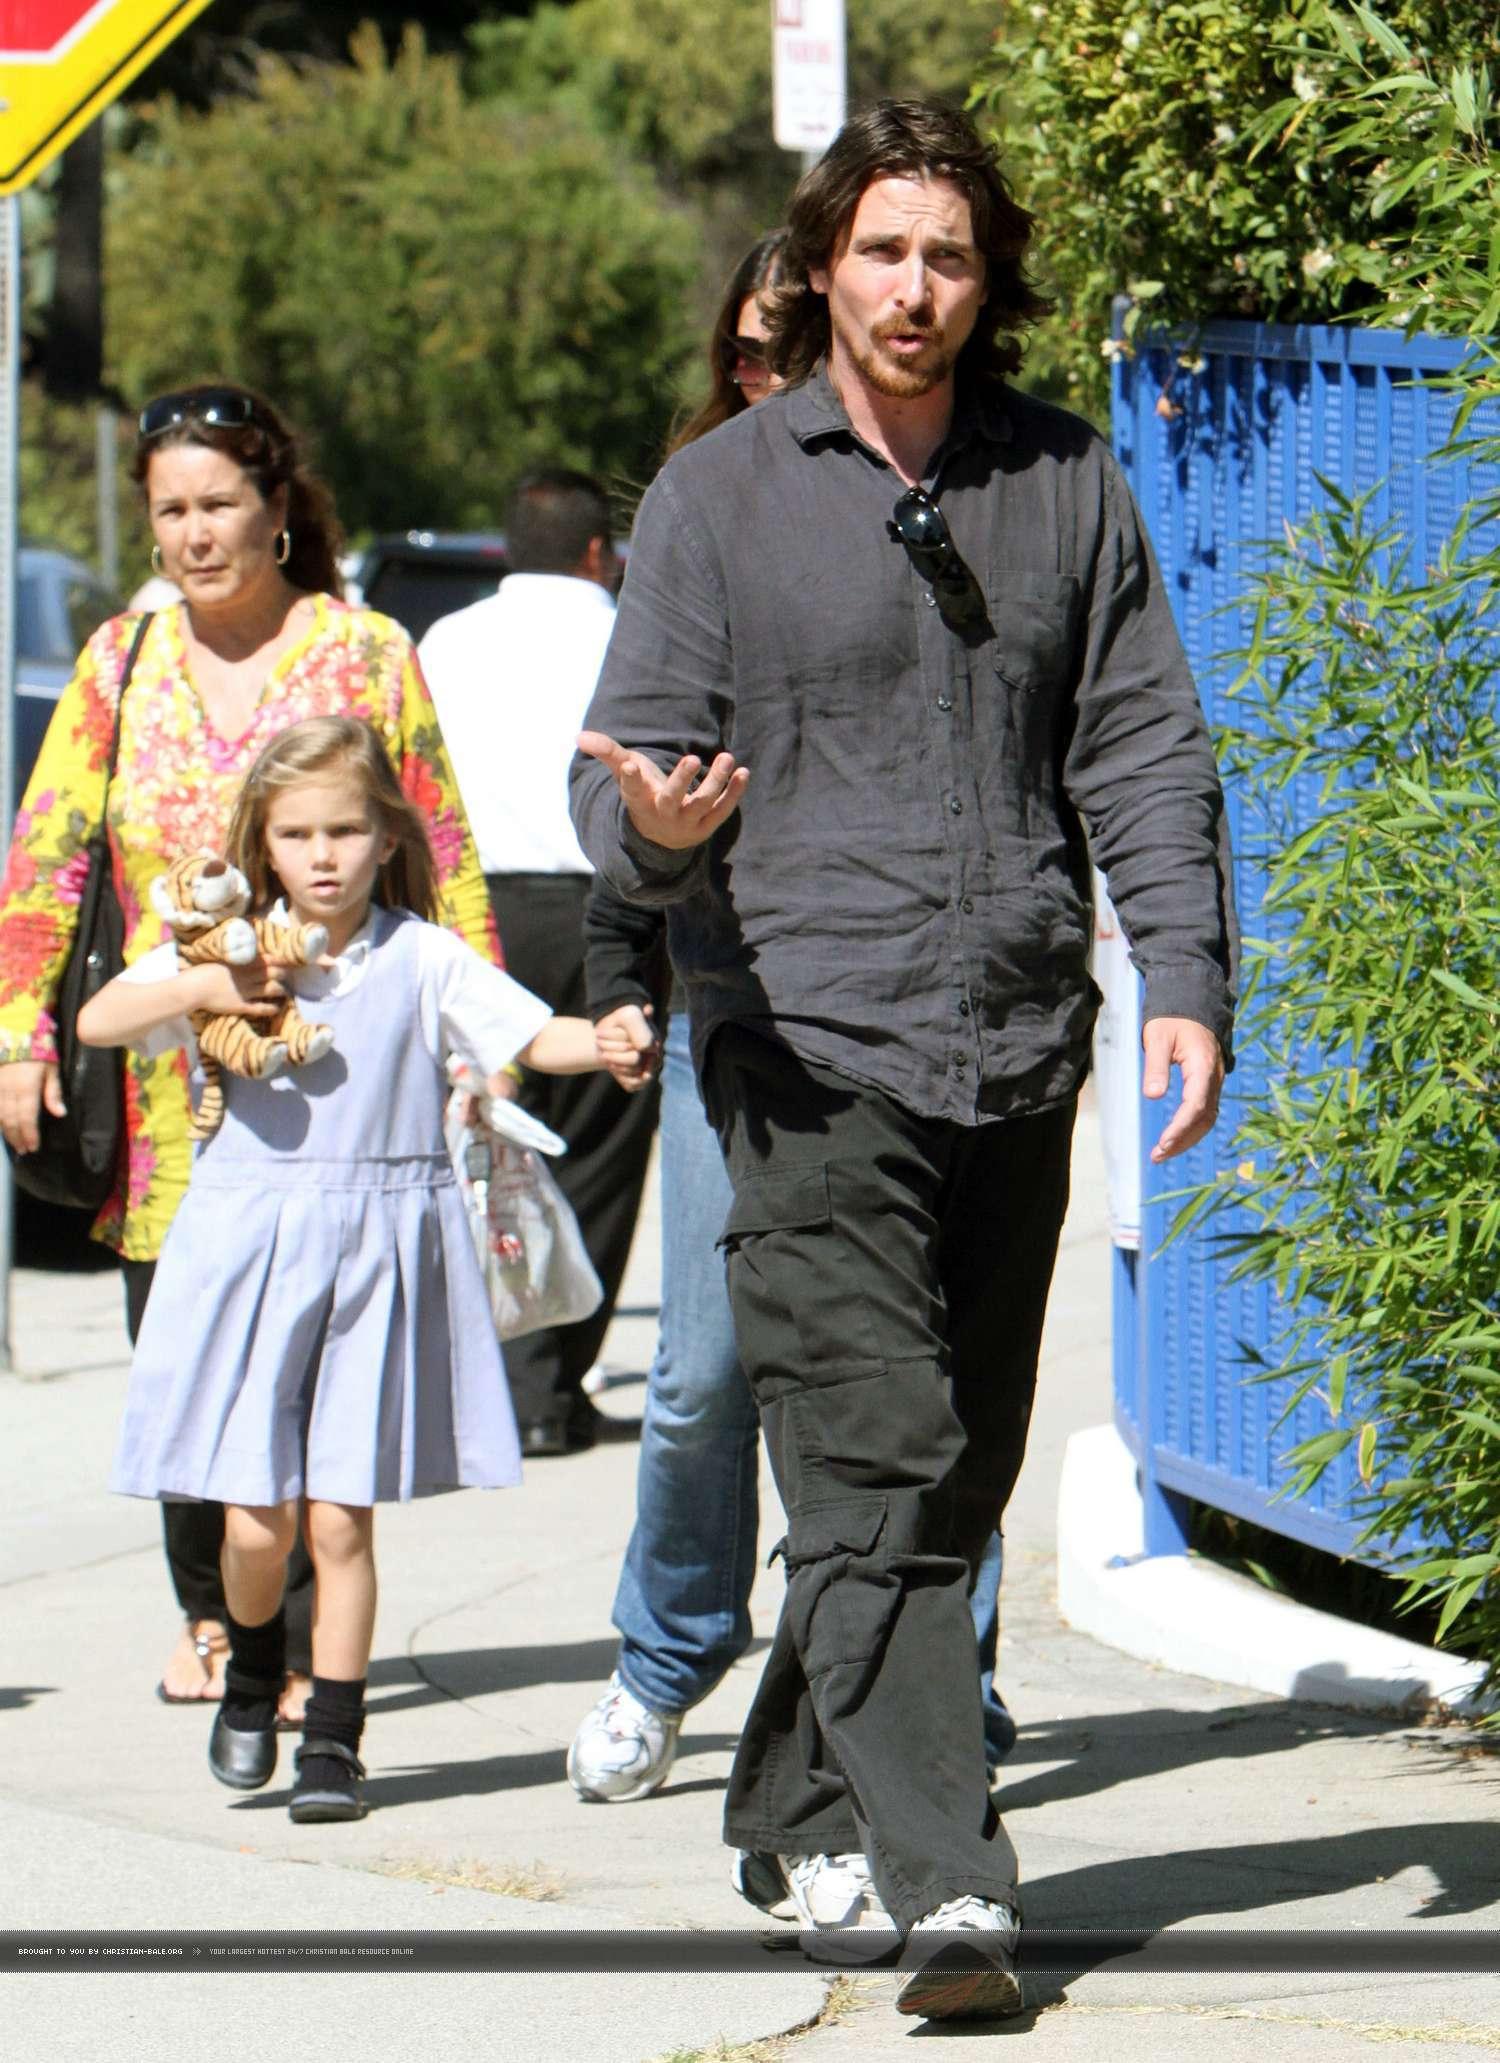 Кристиан бейл фото с женой и детьми